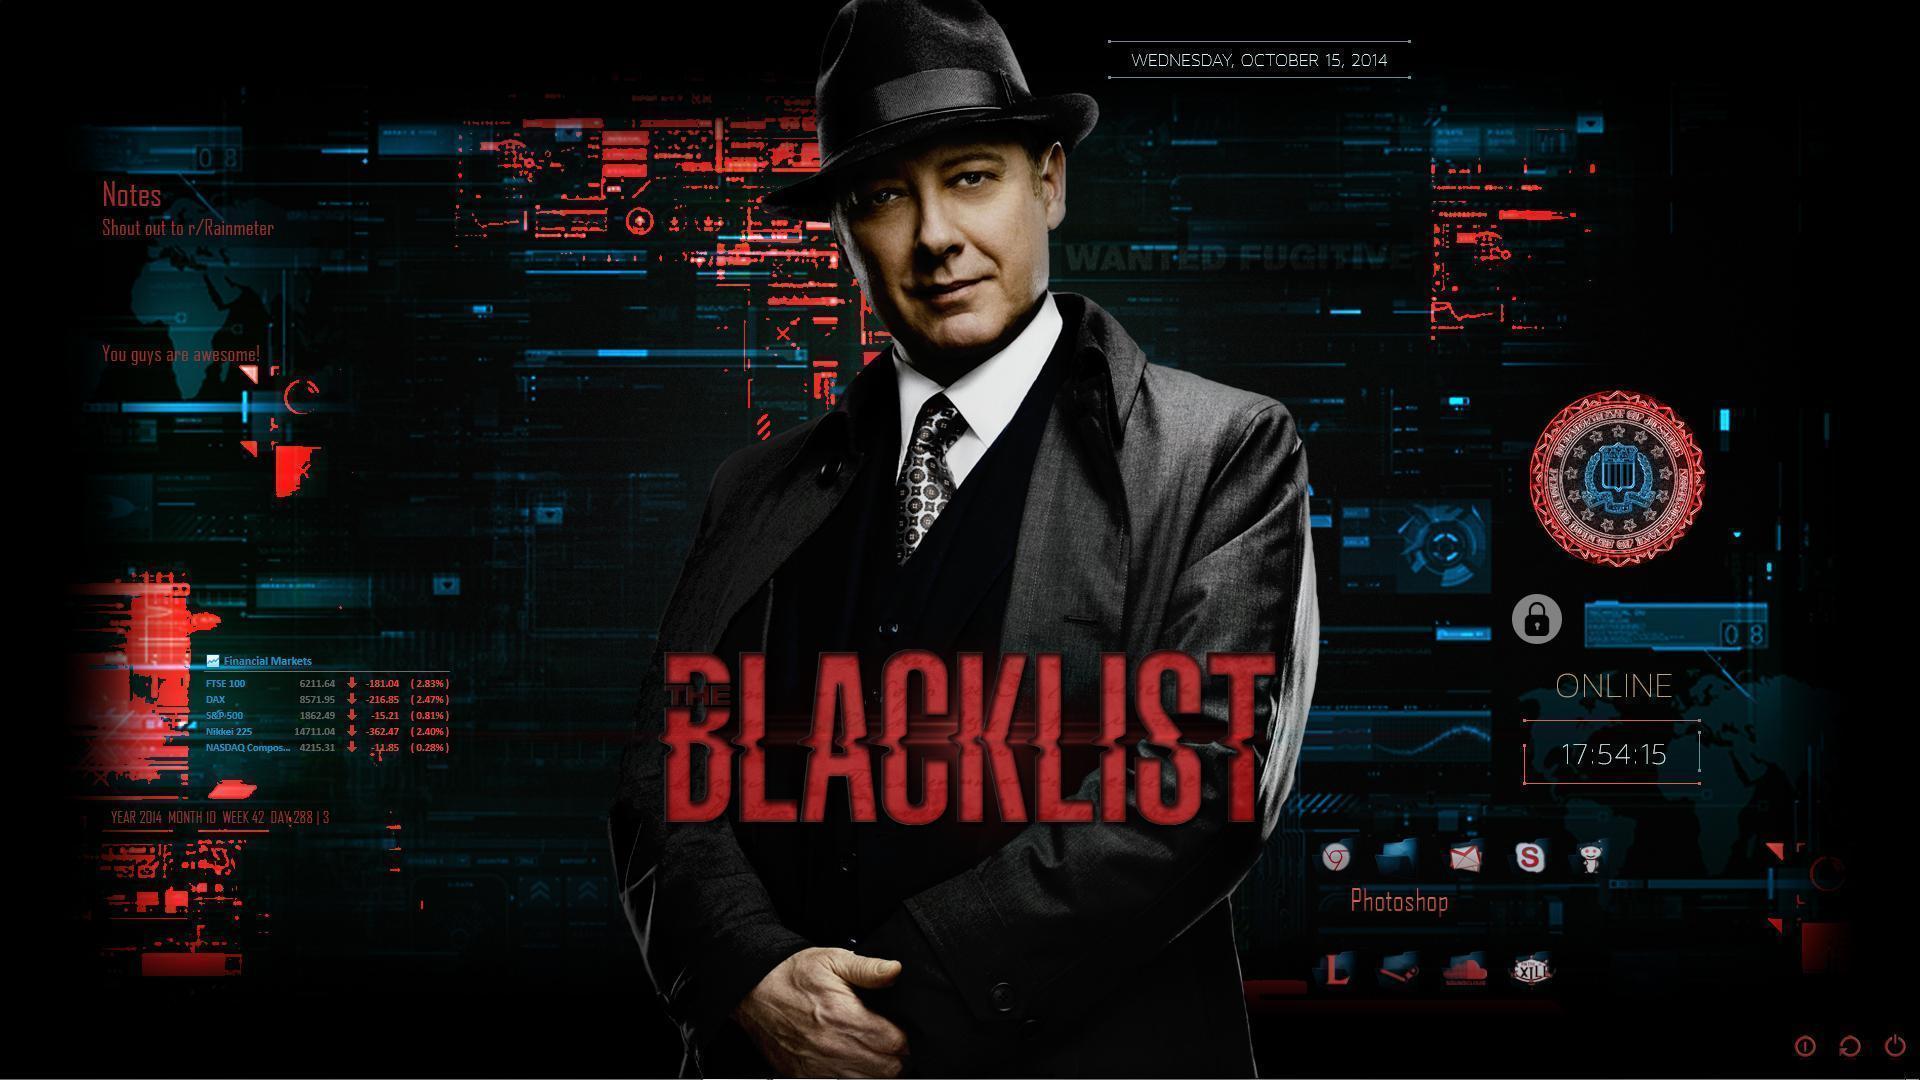 The Blacklist Zoom Background